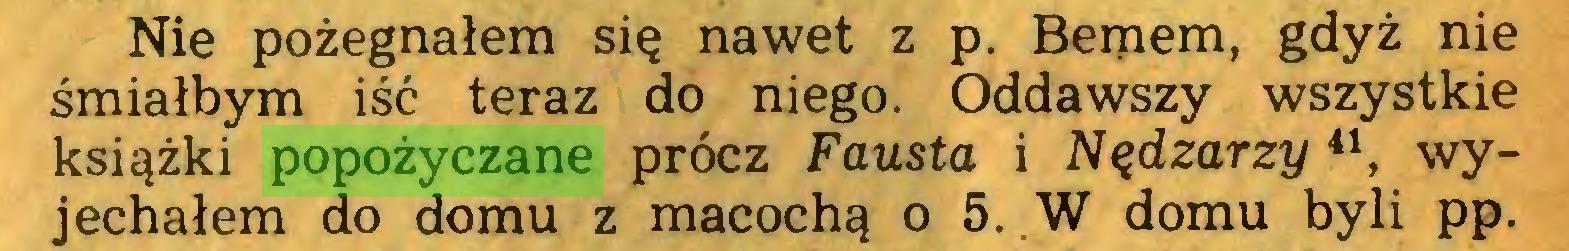 (...) Nie pożegnałem się nawet z p. Bemem, gdyż nie śmiałbym iść teraz do niego. Oddawszy wszystkie książki popożyczane prócz Fausta i Nędzarzy41, wyjechałem do domu z macochą o 5. .W domu byli pp...